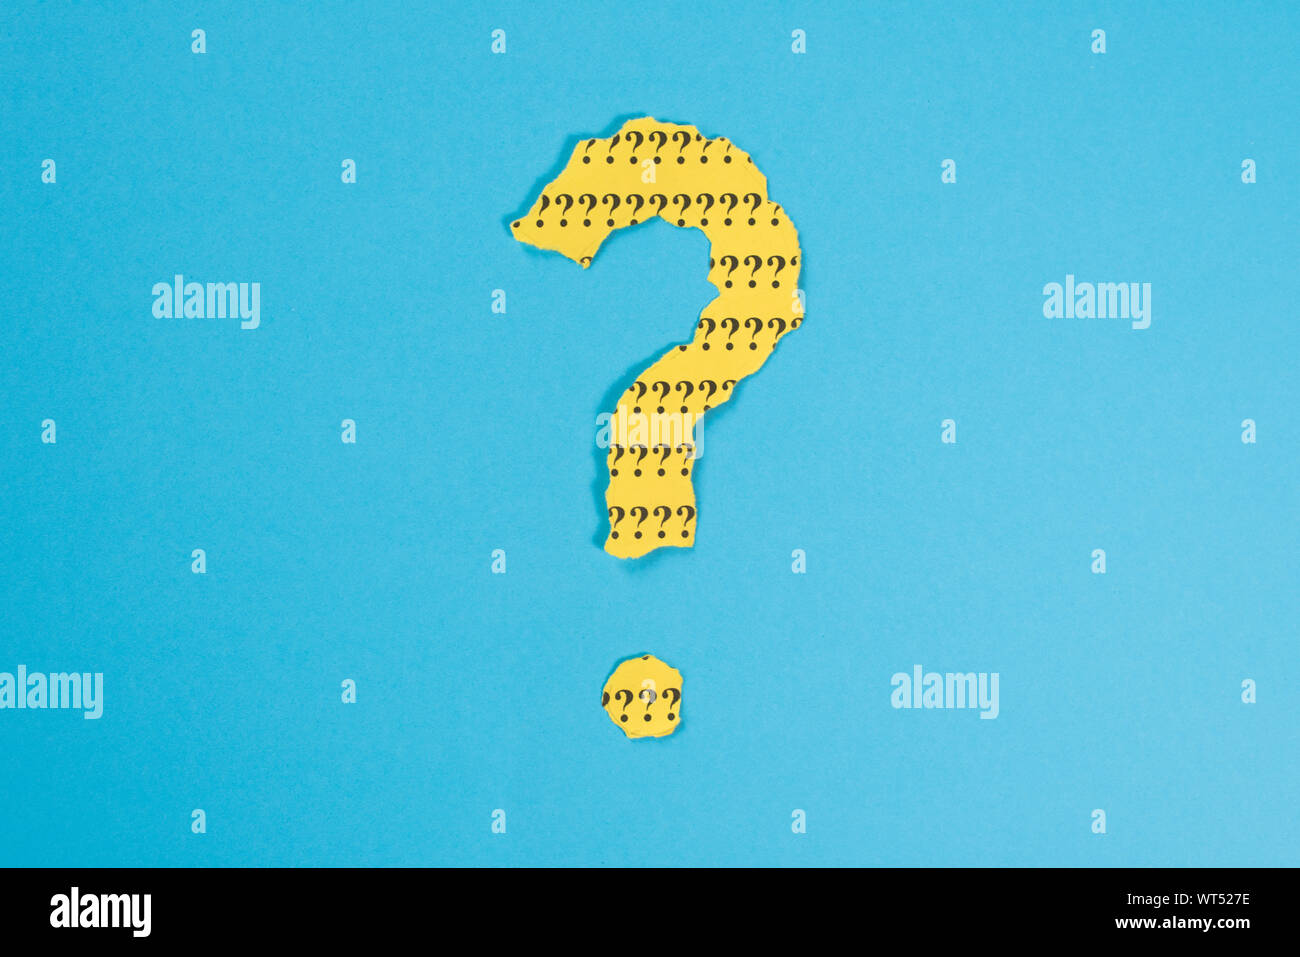 Símbolo de interrogación desde un teared papel amarillo sobre fondo azul. Concepto de FAQ, Preguntas y respuestas, preguntas y riddle Foto de stock